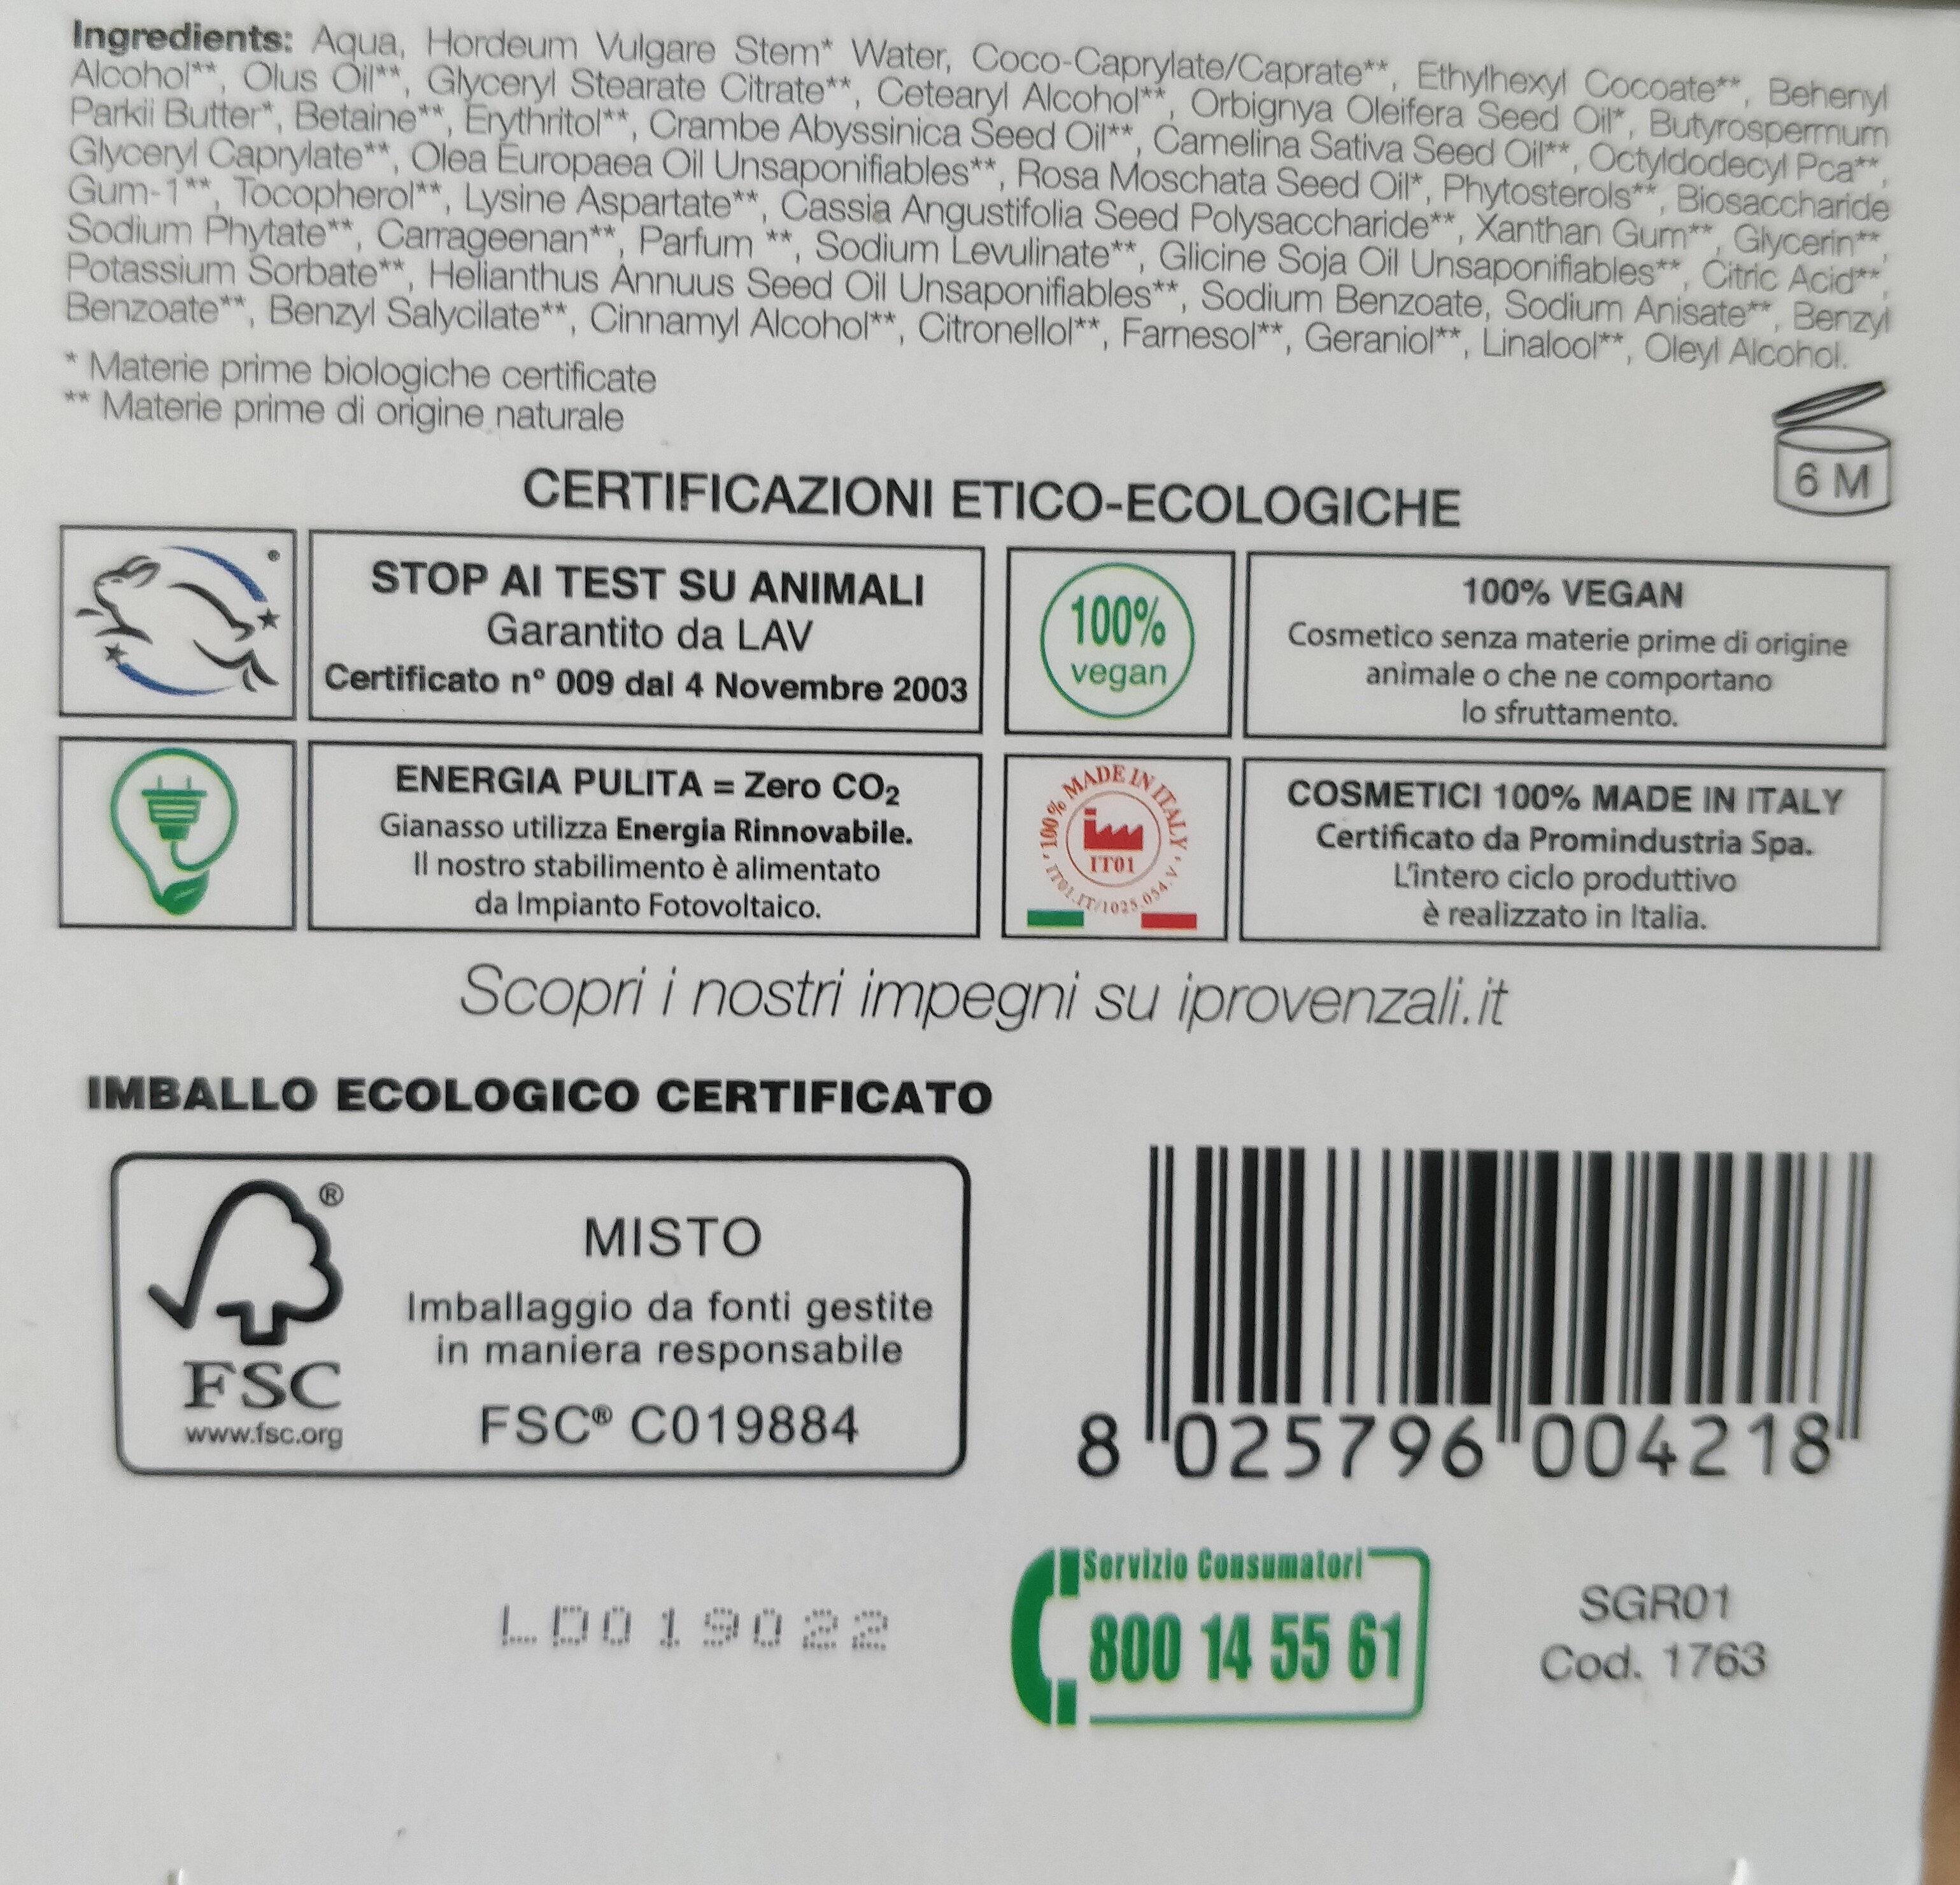 Crema viso 24 h biologica nutriente - Product - en